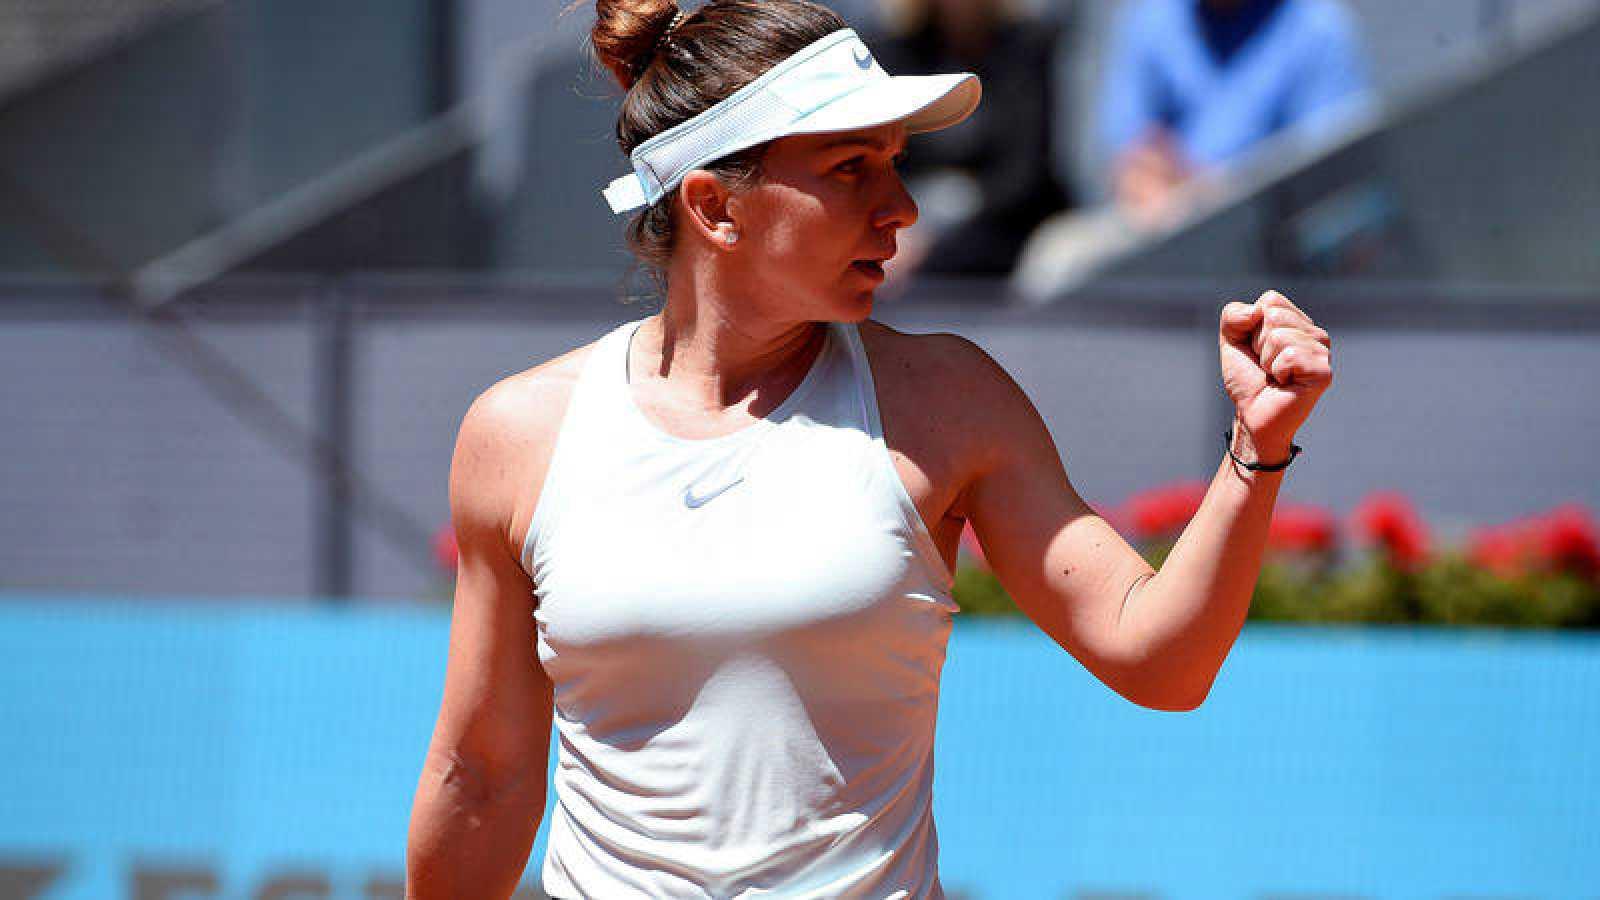 La rumana Simona Halep, tras ganar el partido de cuartos de final del Mutua Madrid Open ante la australiana Ashleigh Barty.